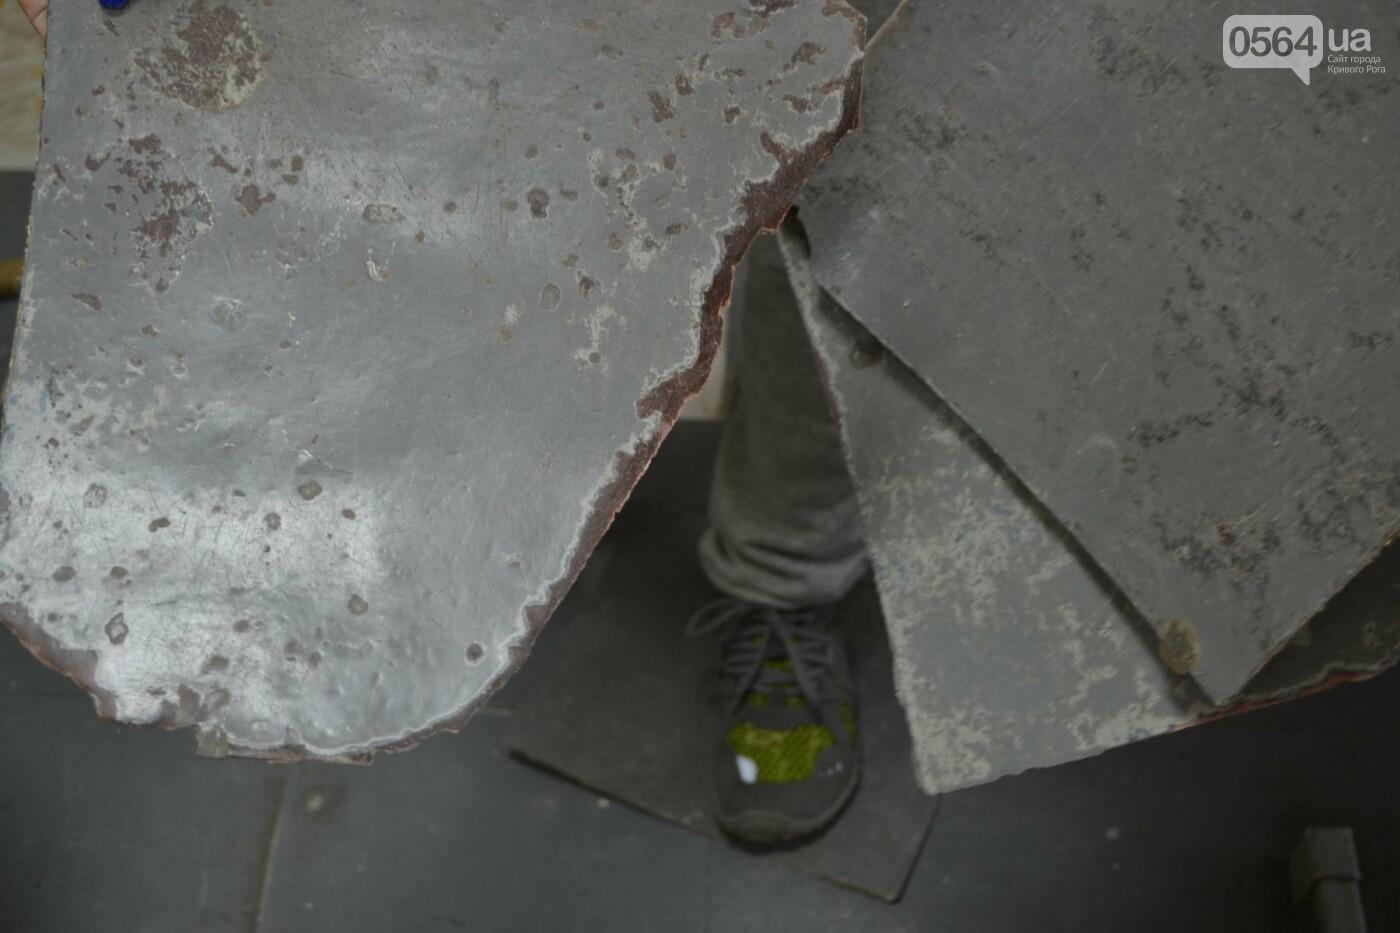 В школе Кривого Рога ремонтируют пол 5-копеечными монетами, - ФОТО, фото-8